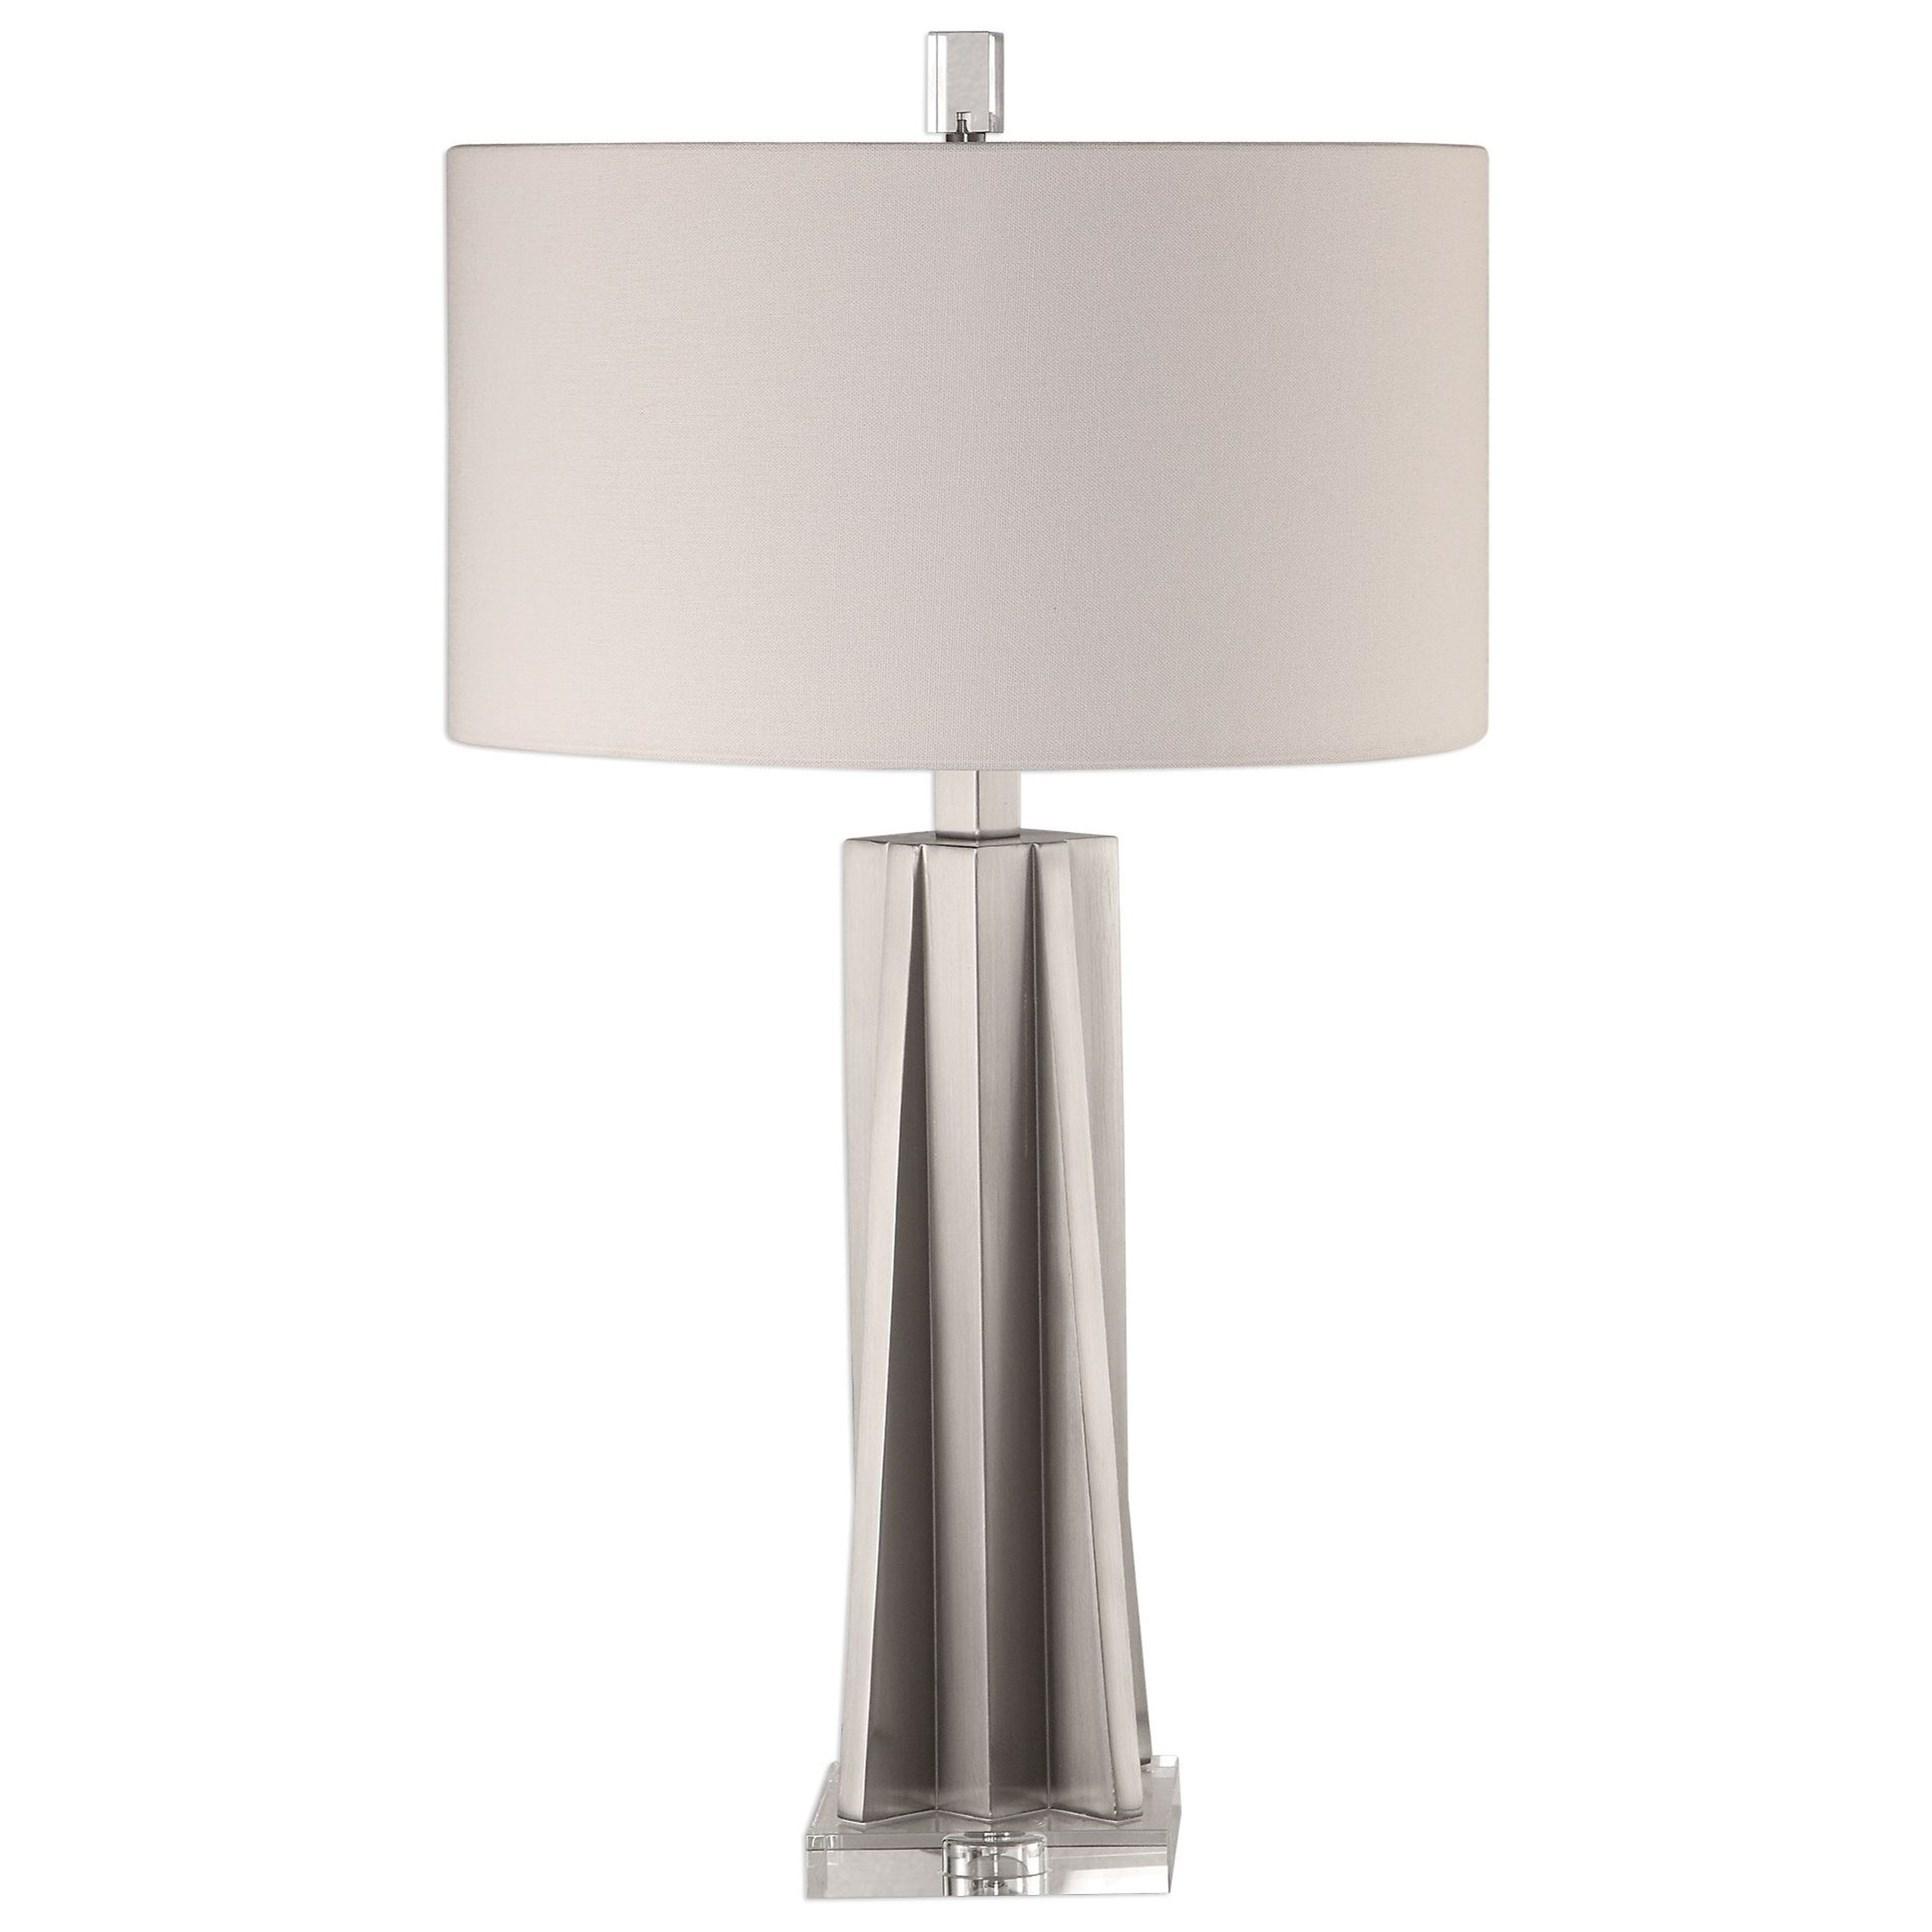 Trinculo Brushed Nickel Lamp